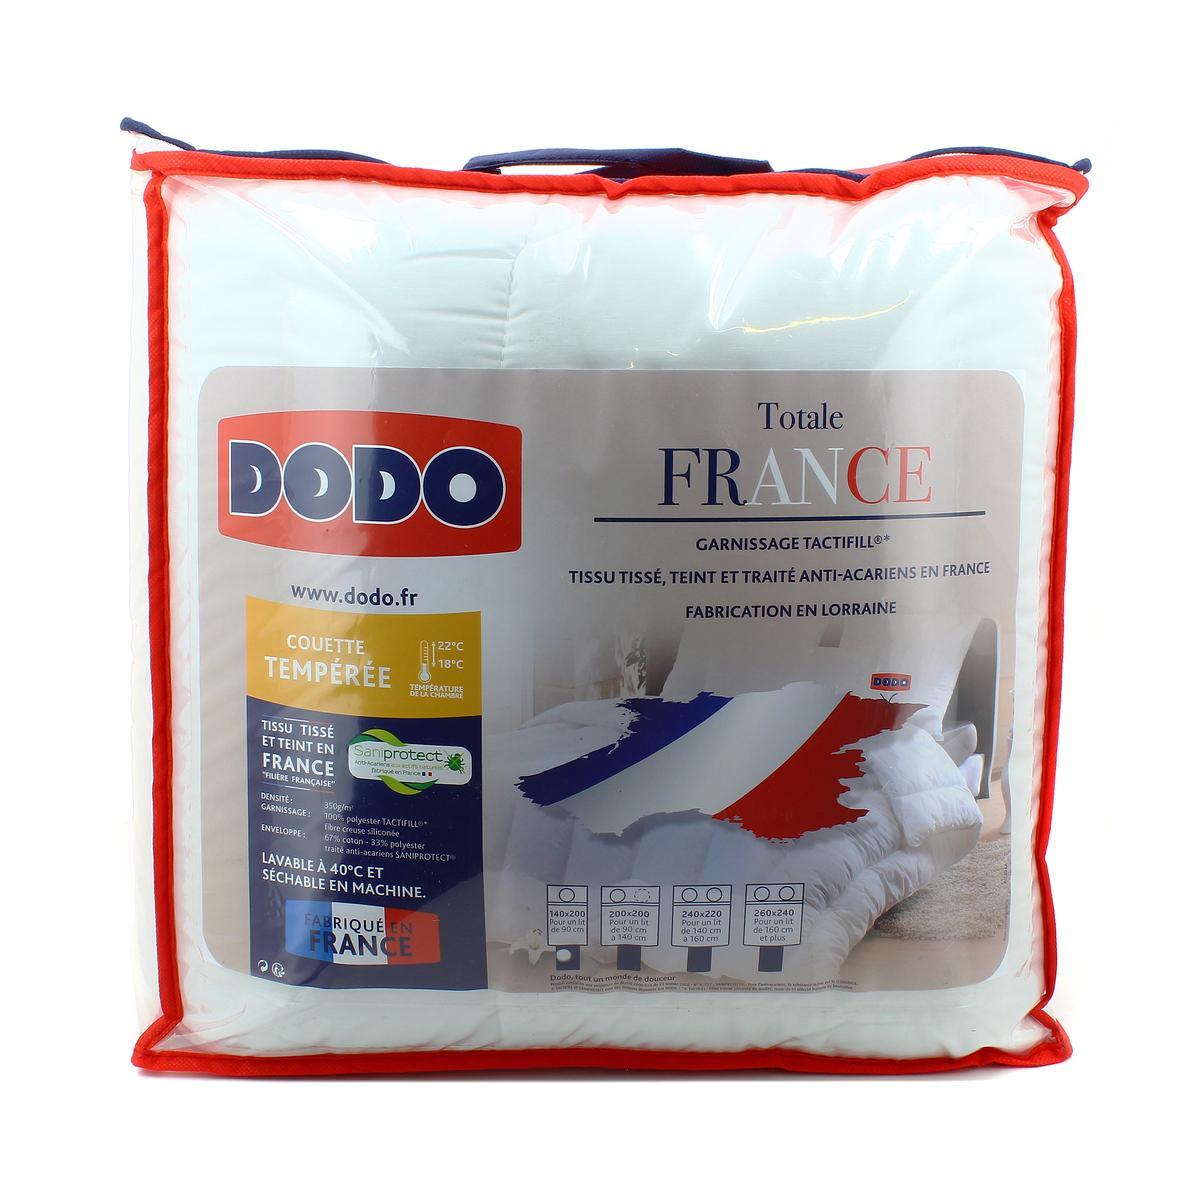 93247de131f0 Dodo Couette tempérée 350gr m² anti-acariens TOTALE FRANCE, 140 x ...